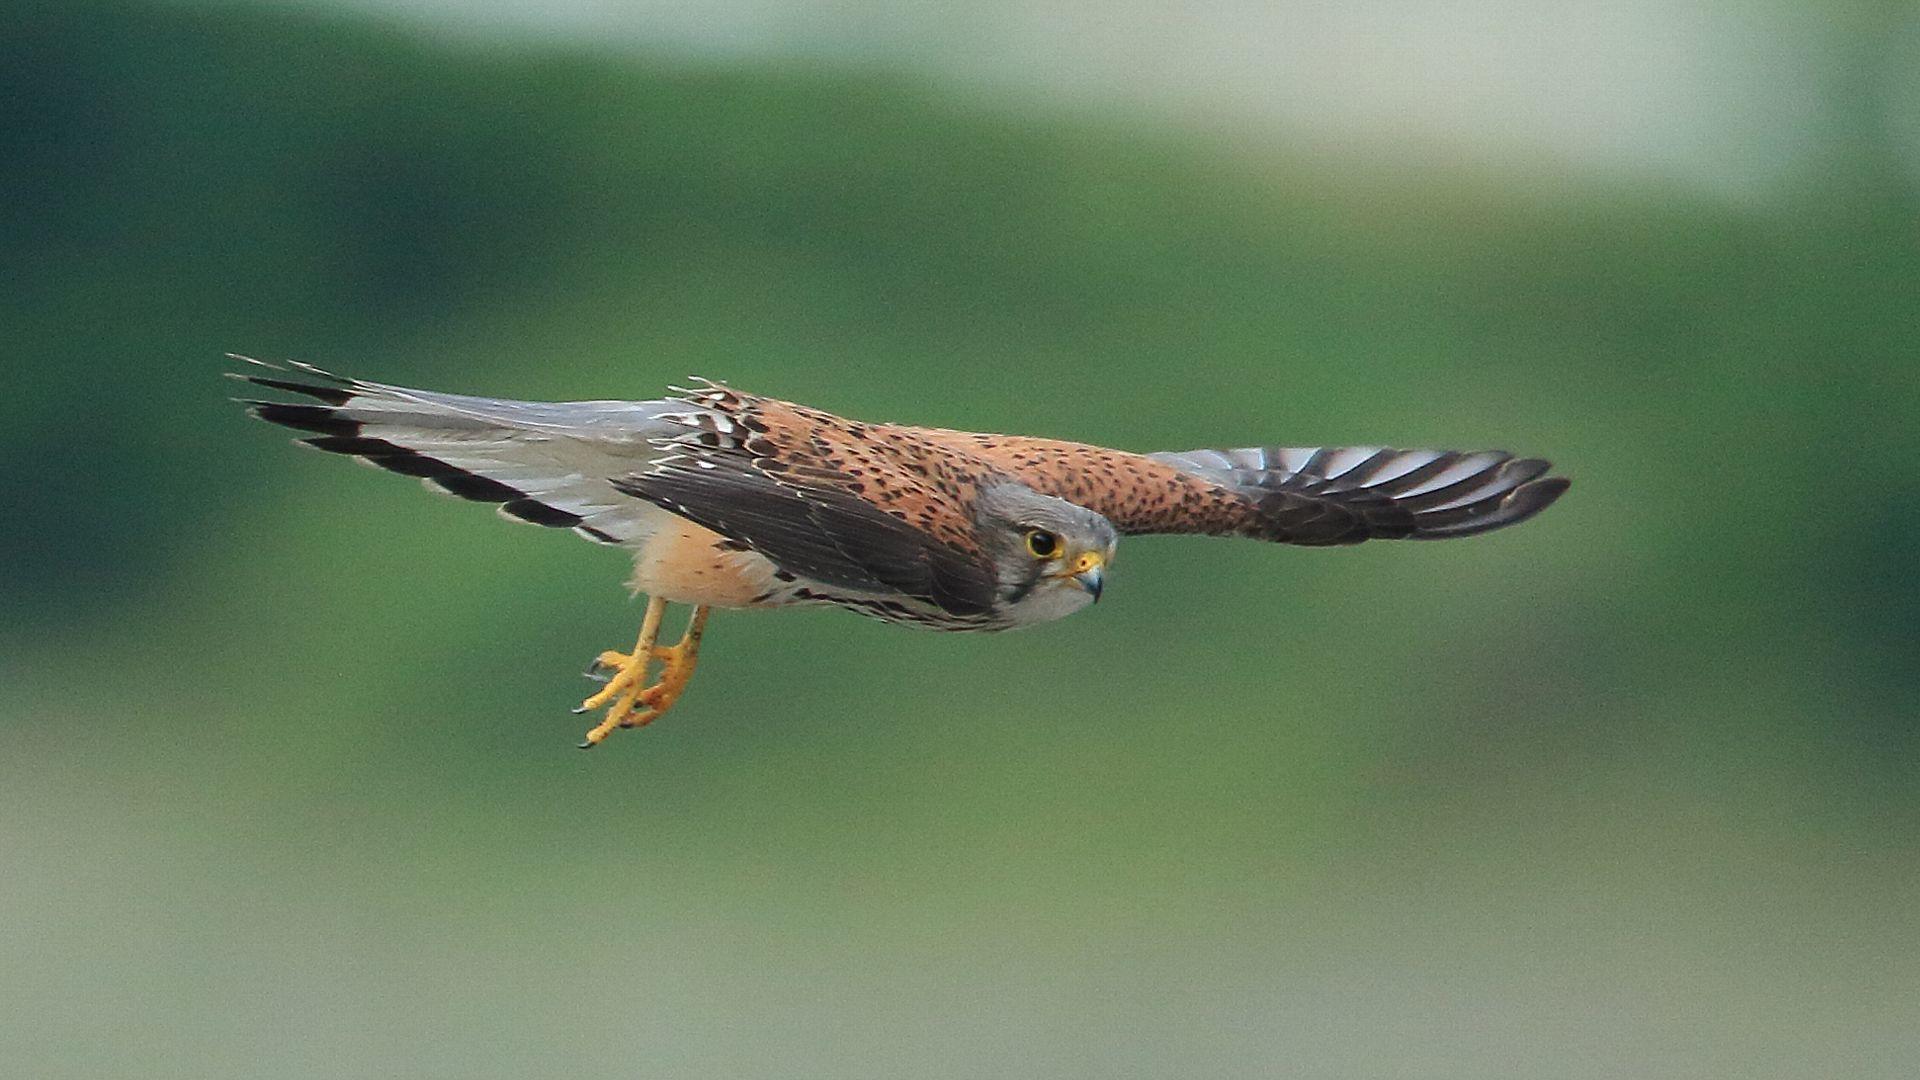 チョウゲンボウお父さんの飛翔_f0105570_21003549.jpg